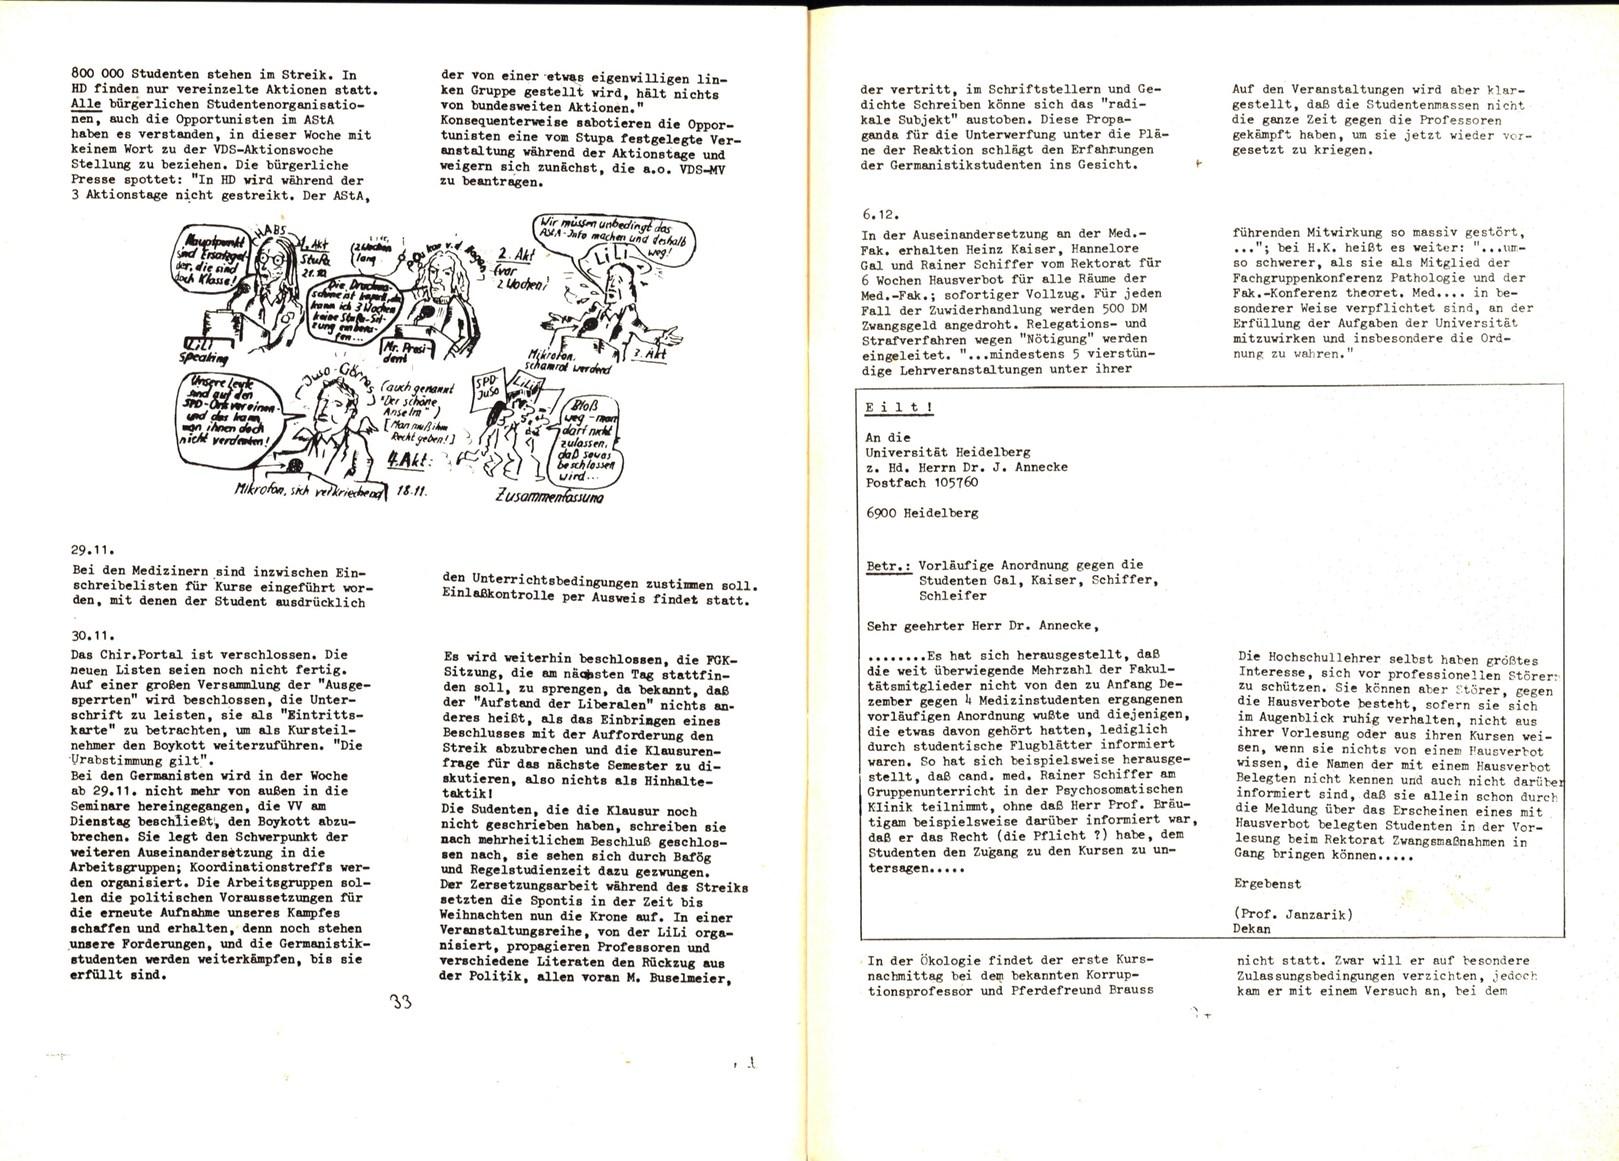 Heidelberg_KHG_1977_Chronik_WS_1976_77_18